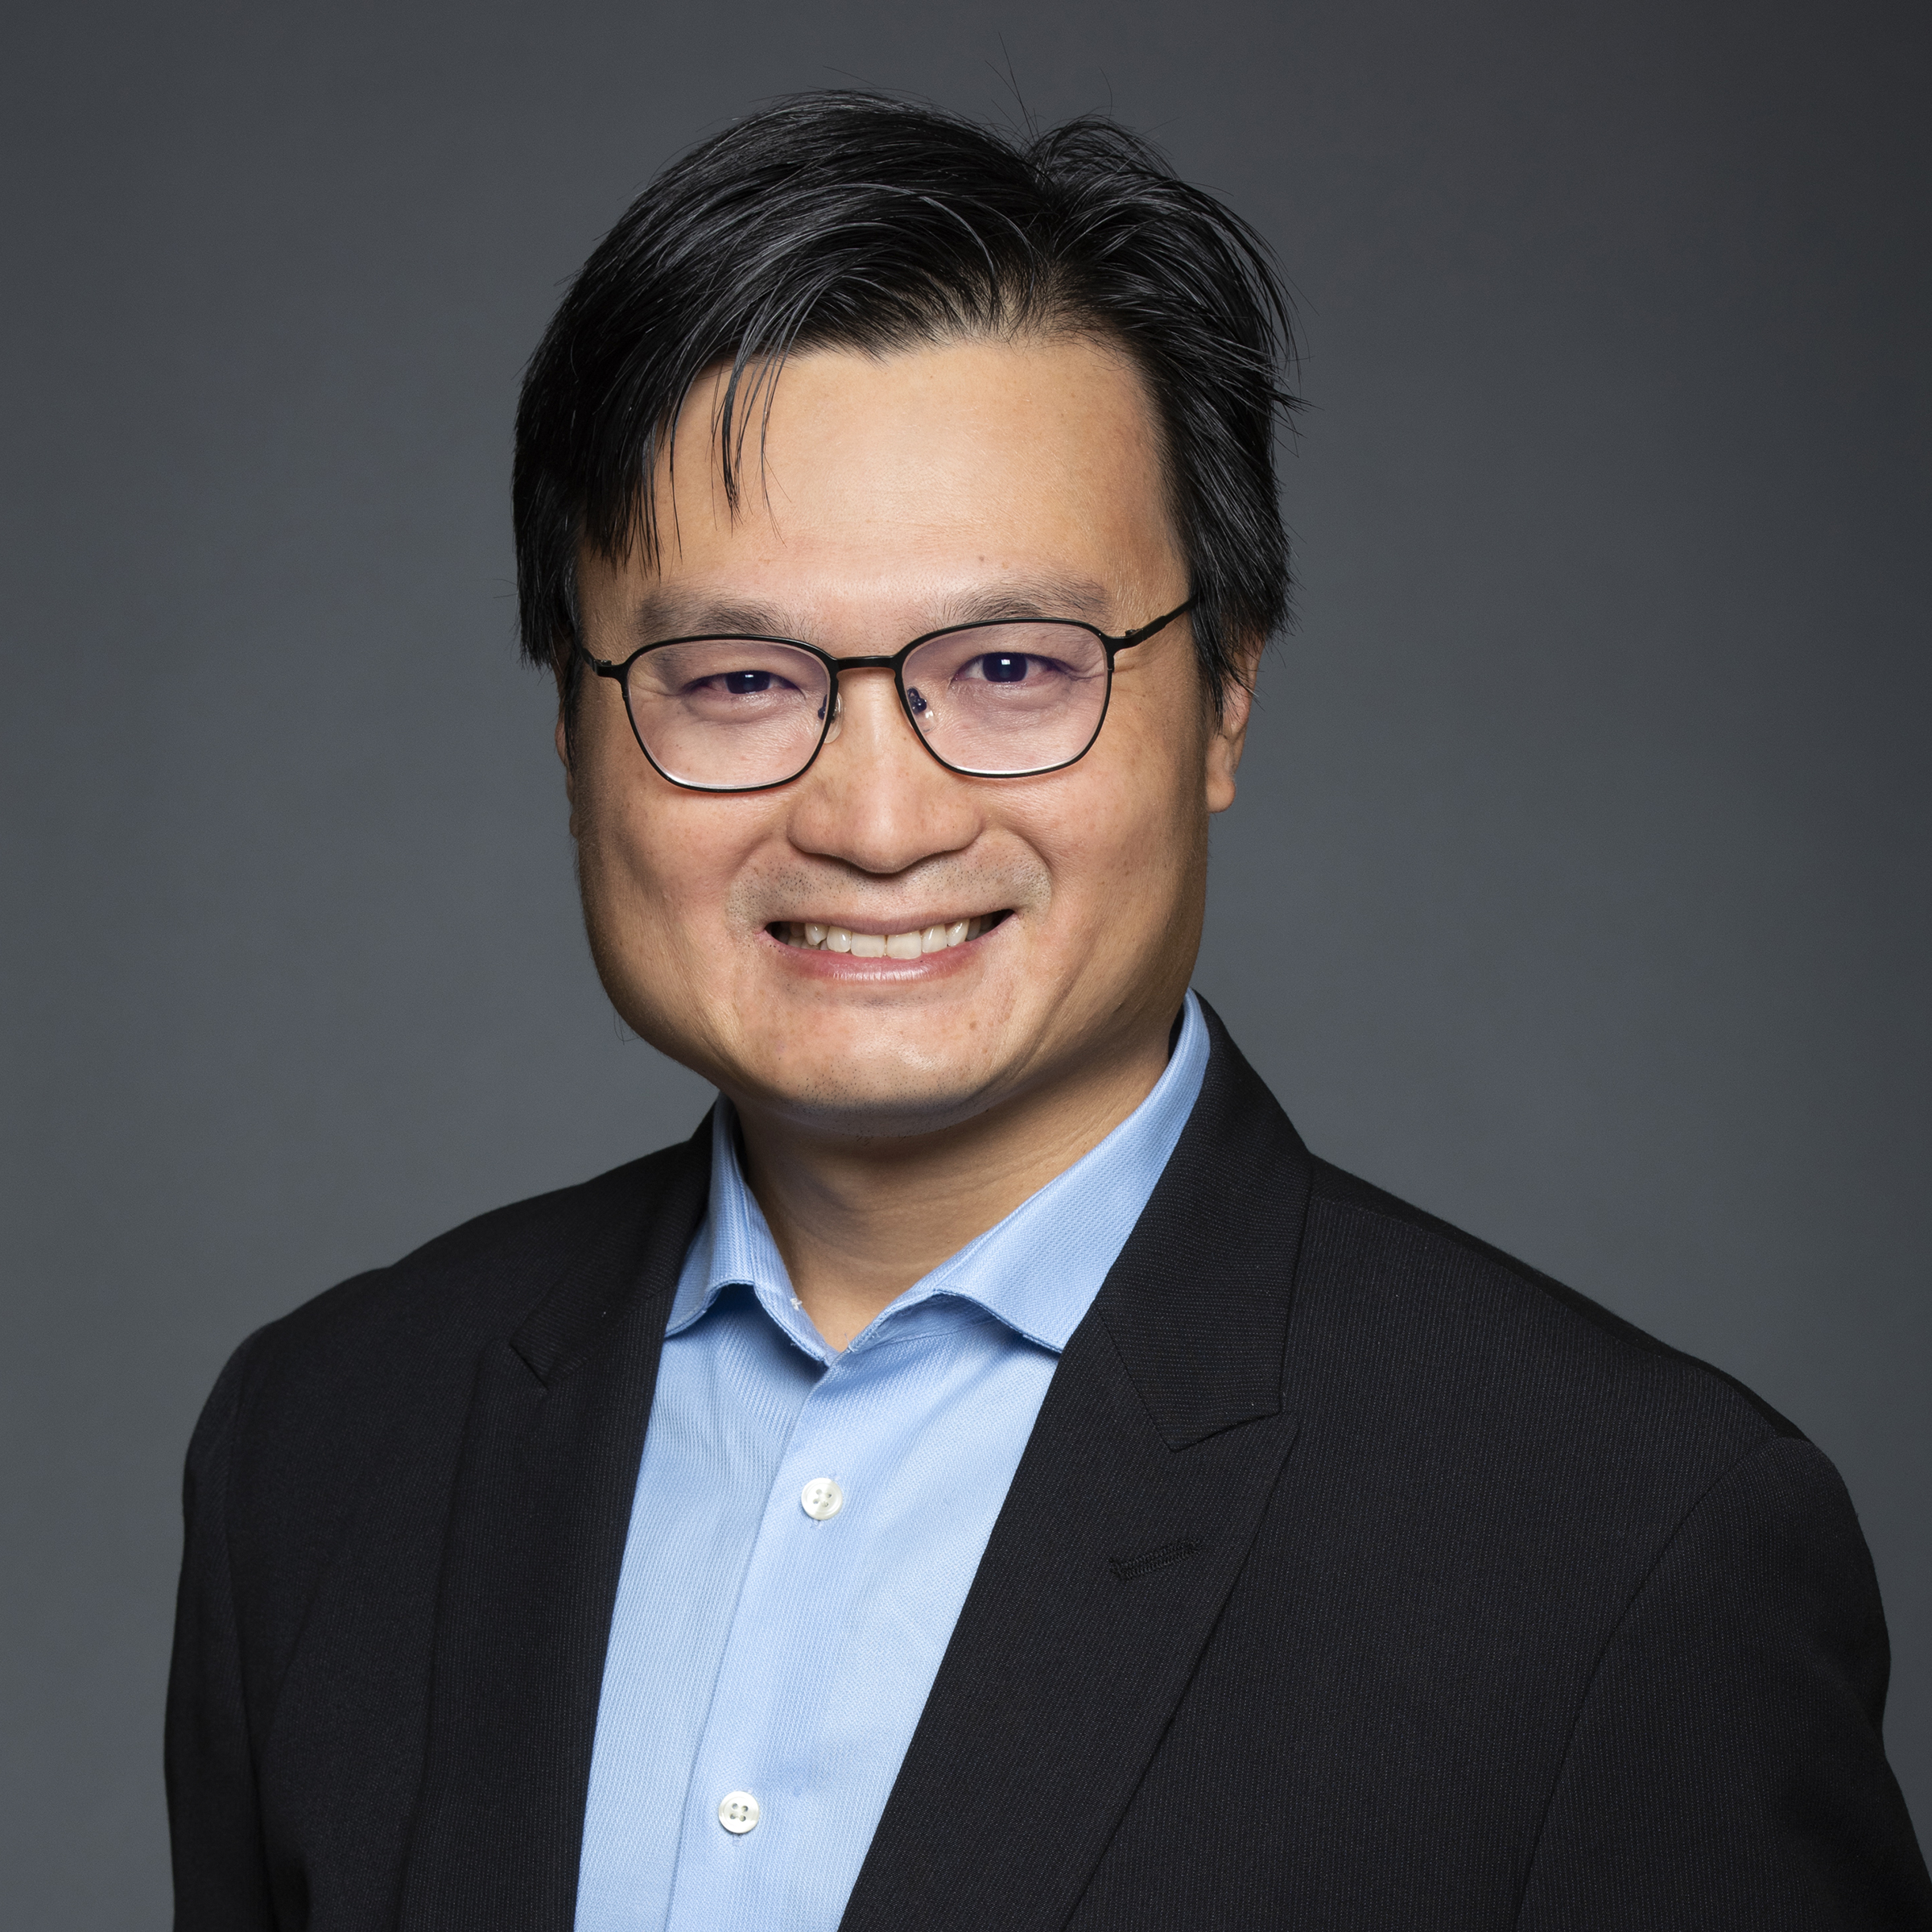 Dr. Jyh-Yeuan Lee